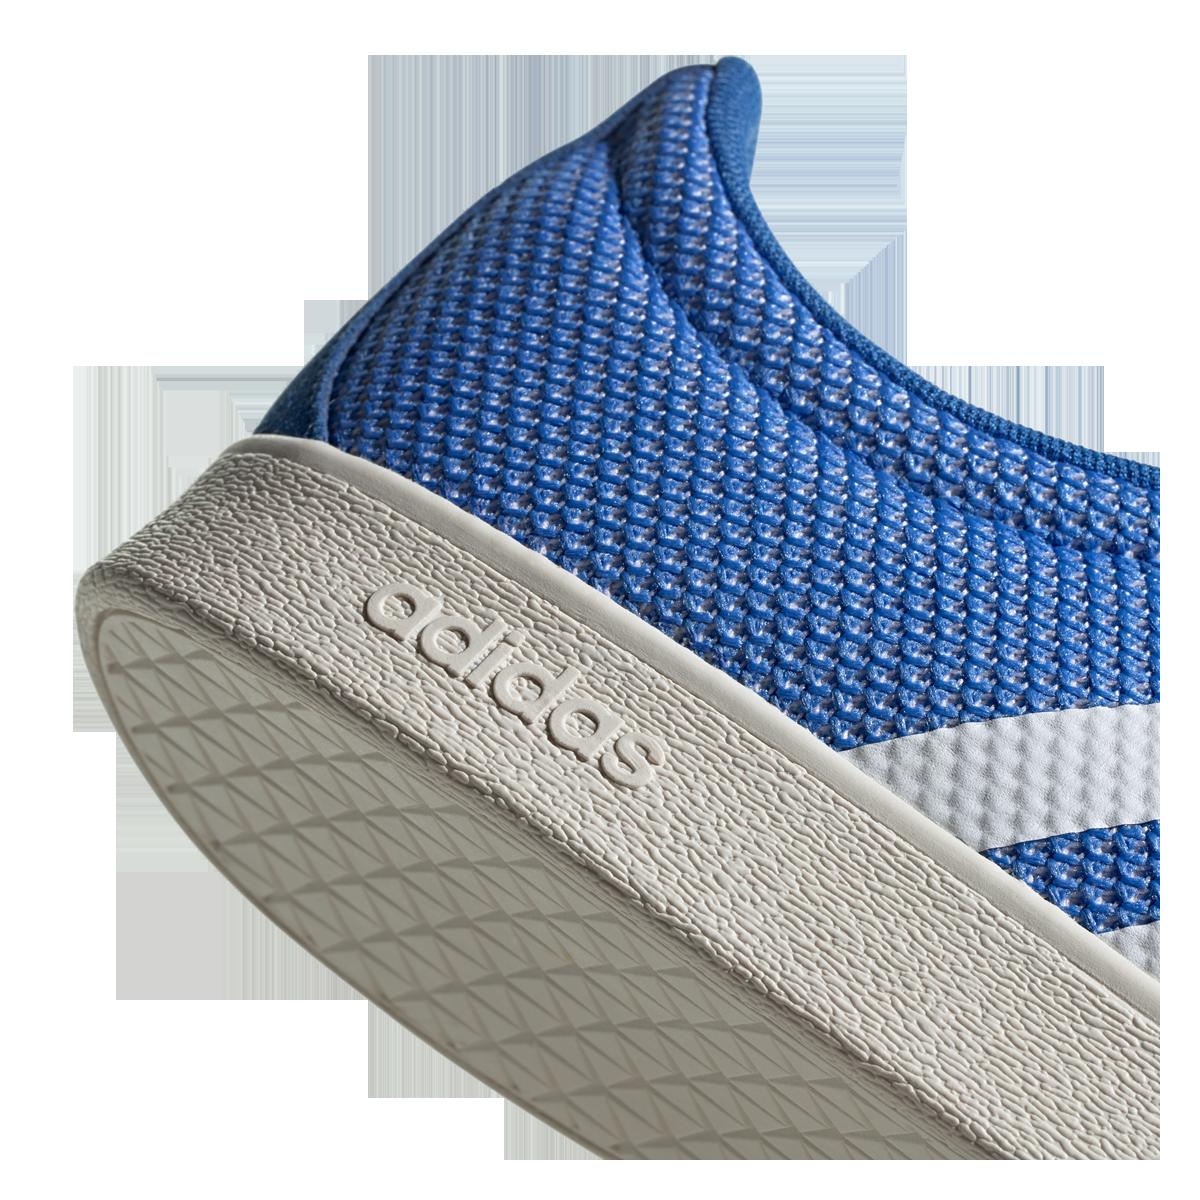 adidas Freizeitschuh VL Court 2.0 blau/weiß